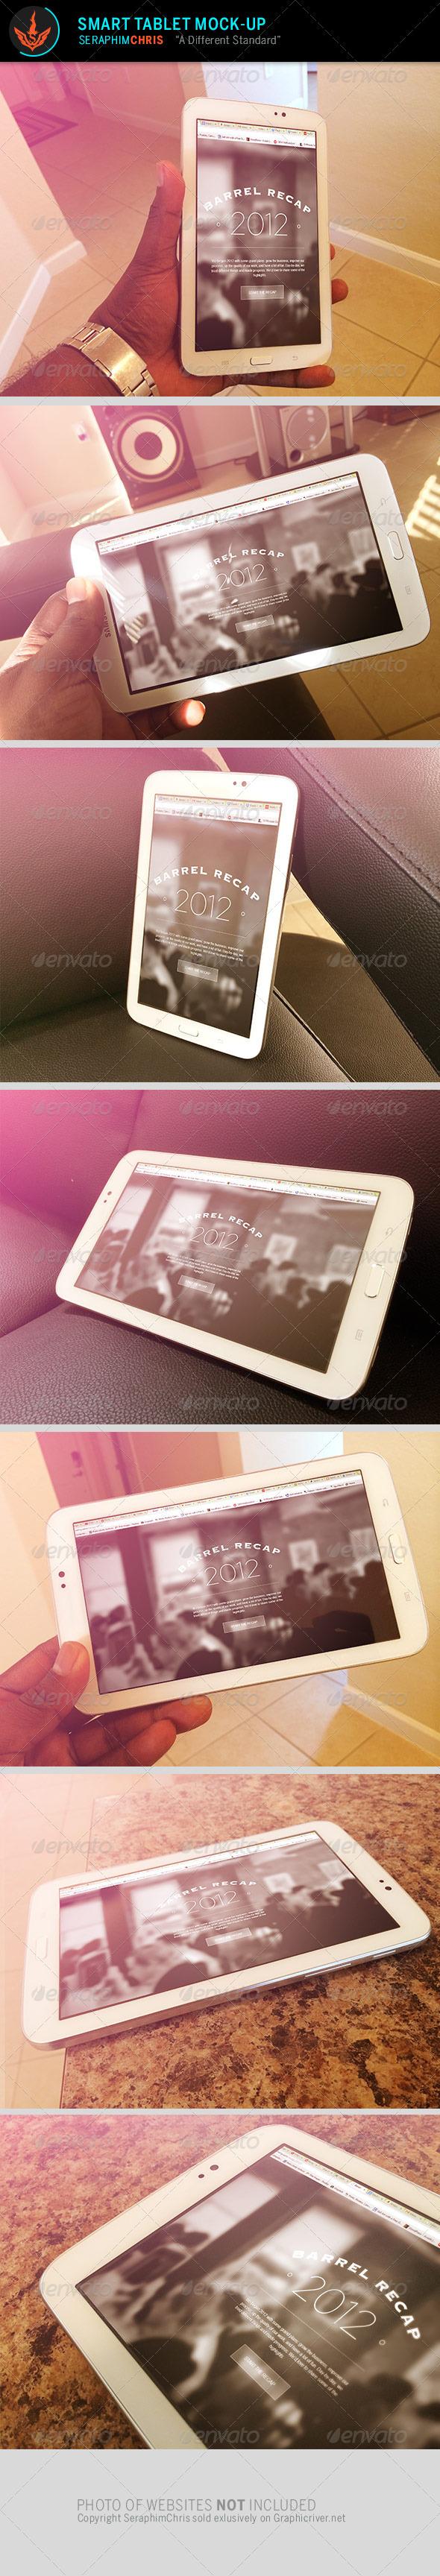 Smart Tablet Mock Up Template - Mobile Displays